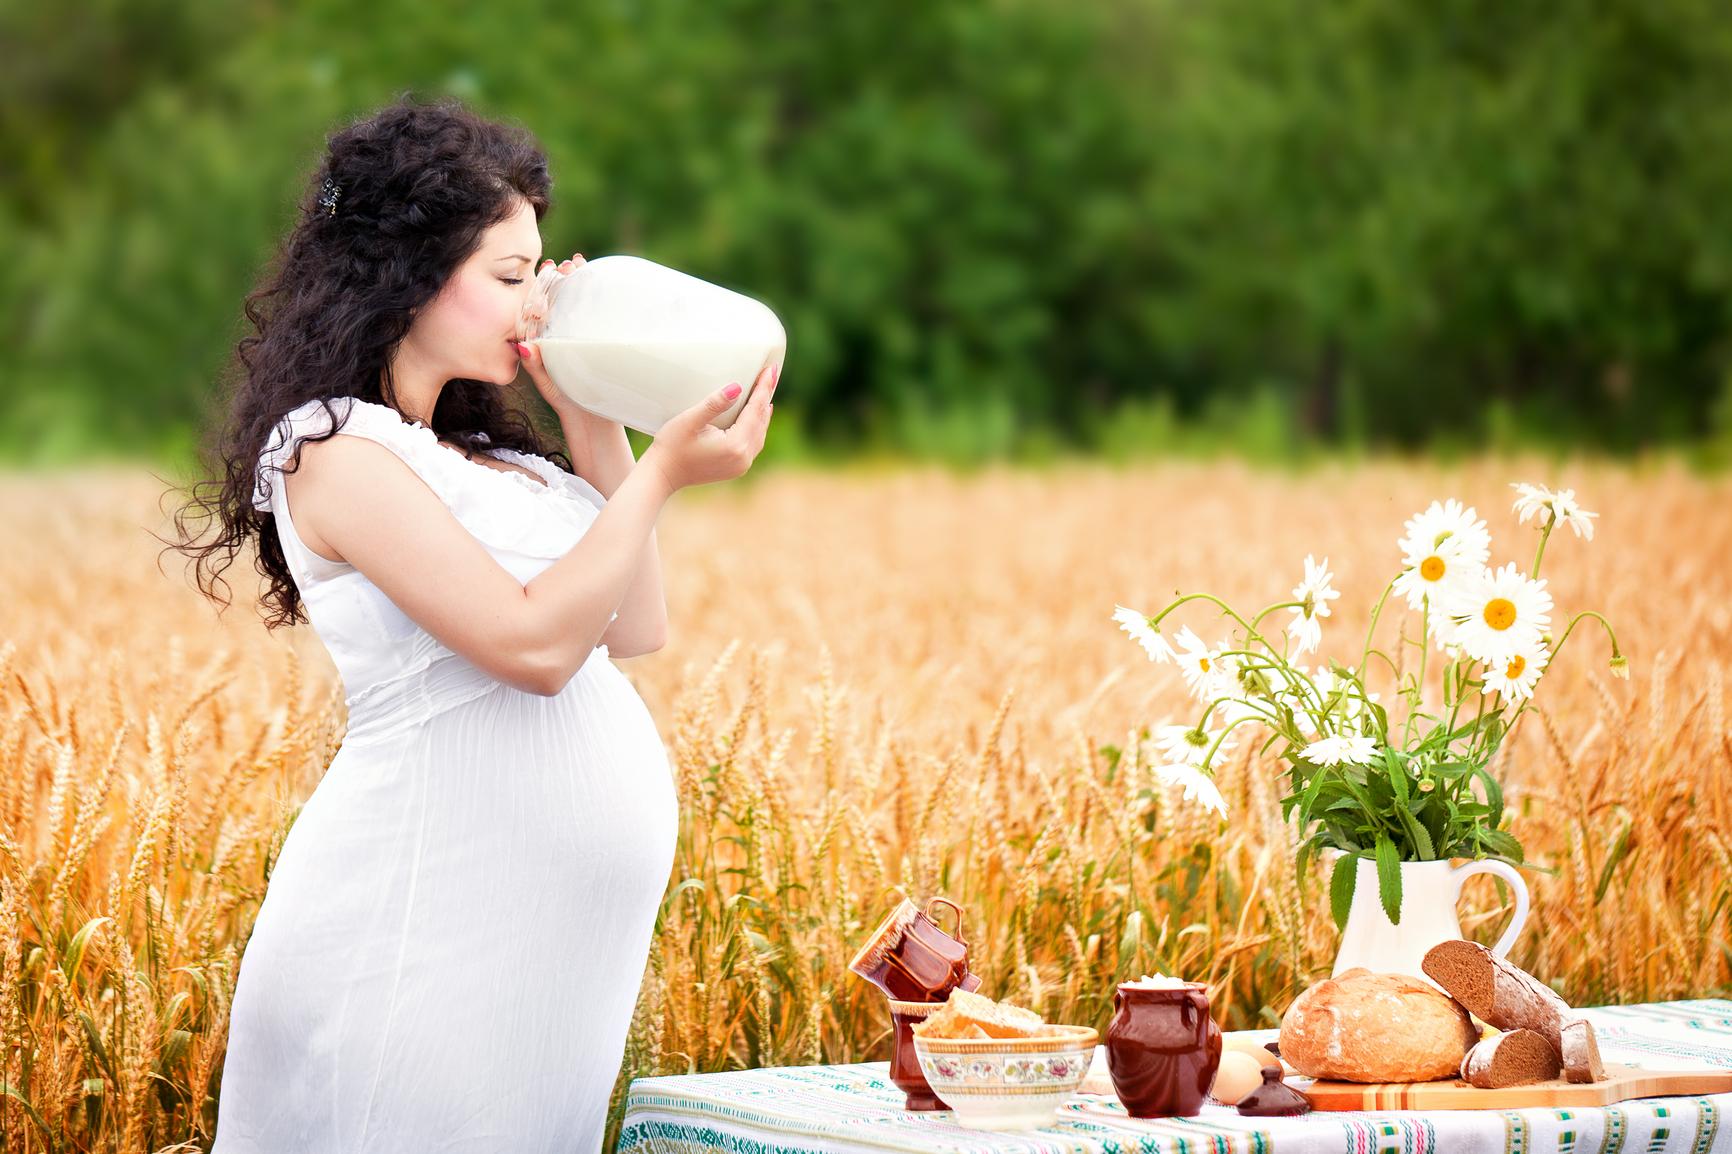 Как похудеть во время беременности без вреда для будущего ребенка